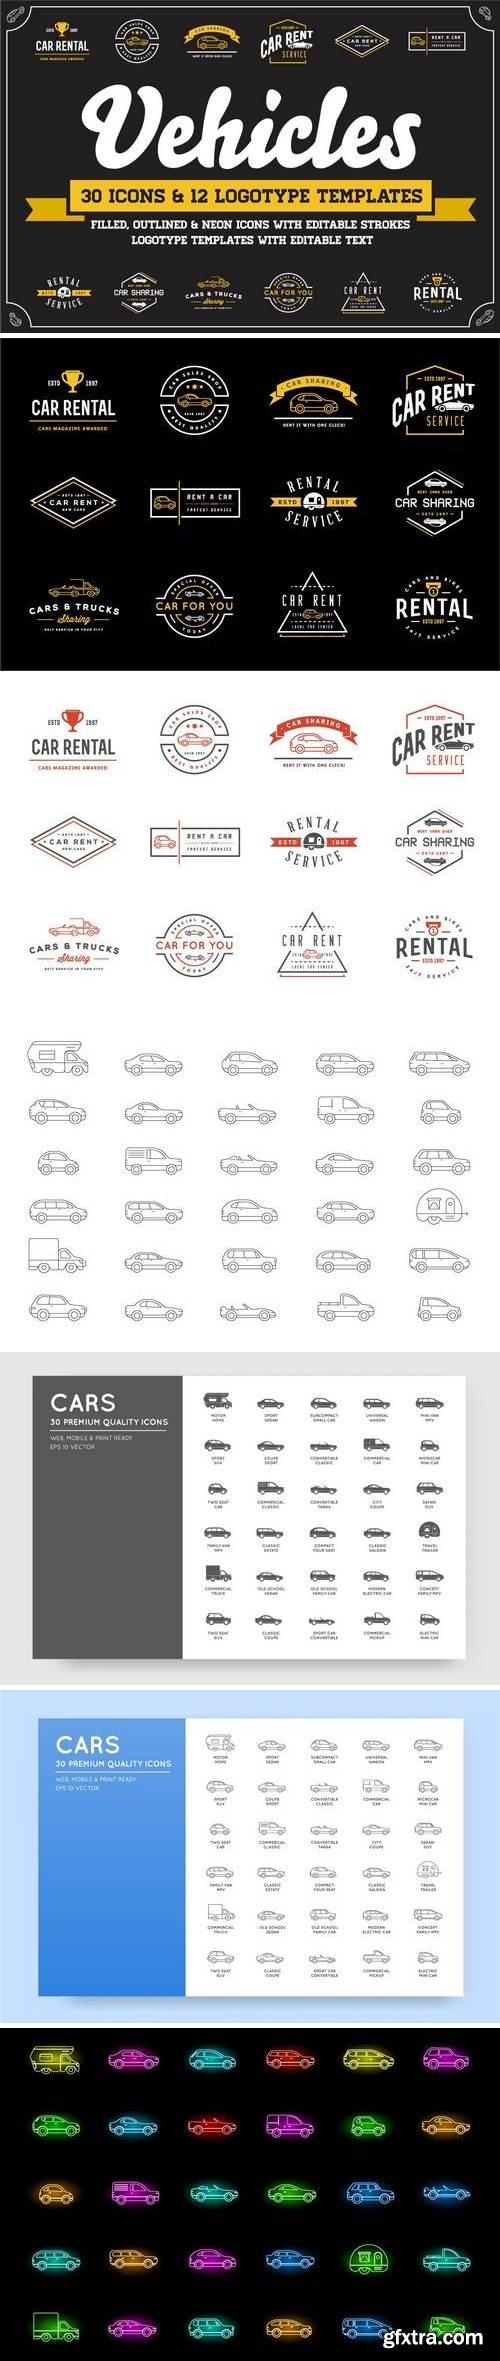 Thehungryjpeg - Awesome Vehicles Icons and Logo Set 3524401